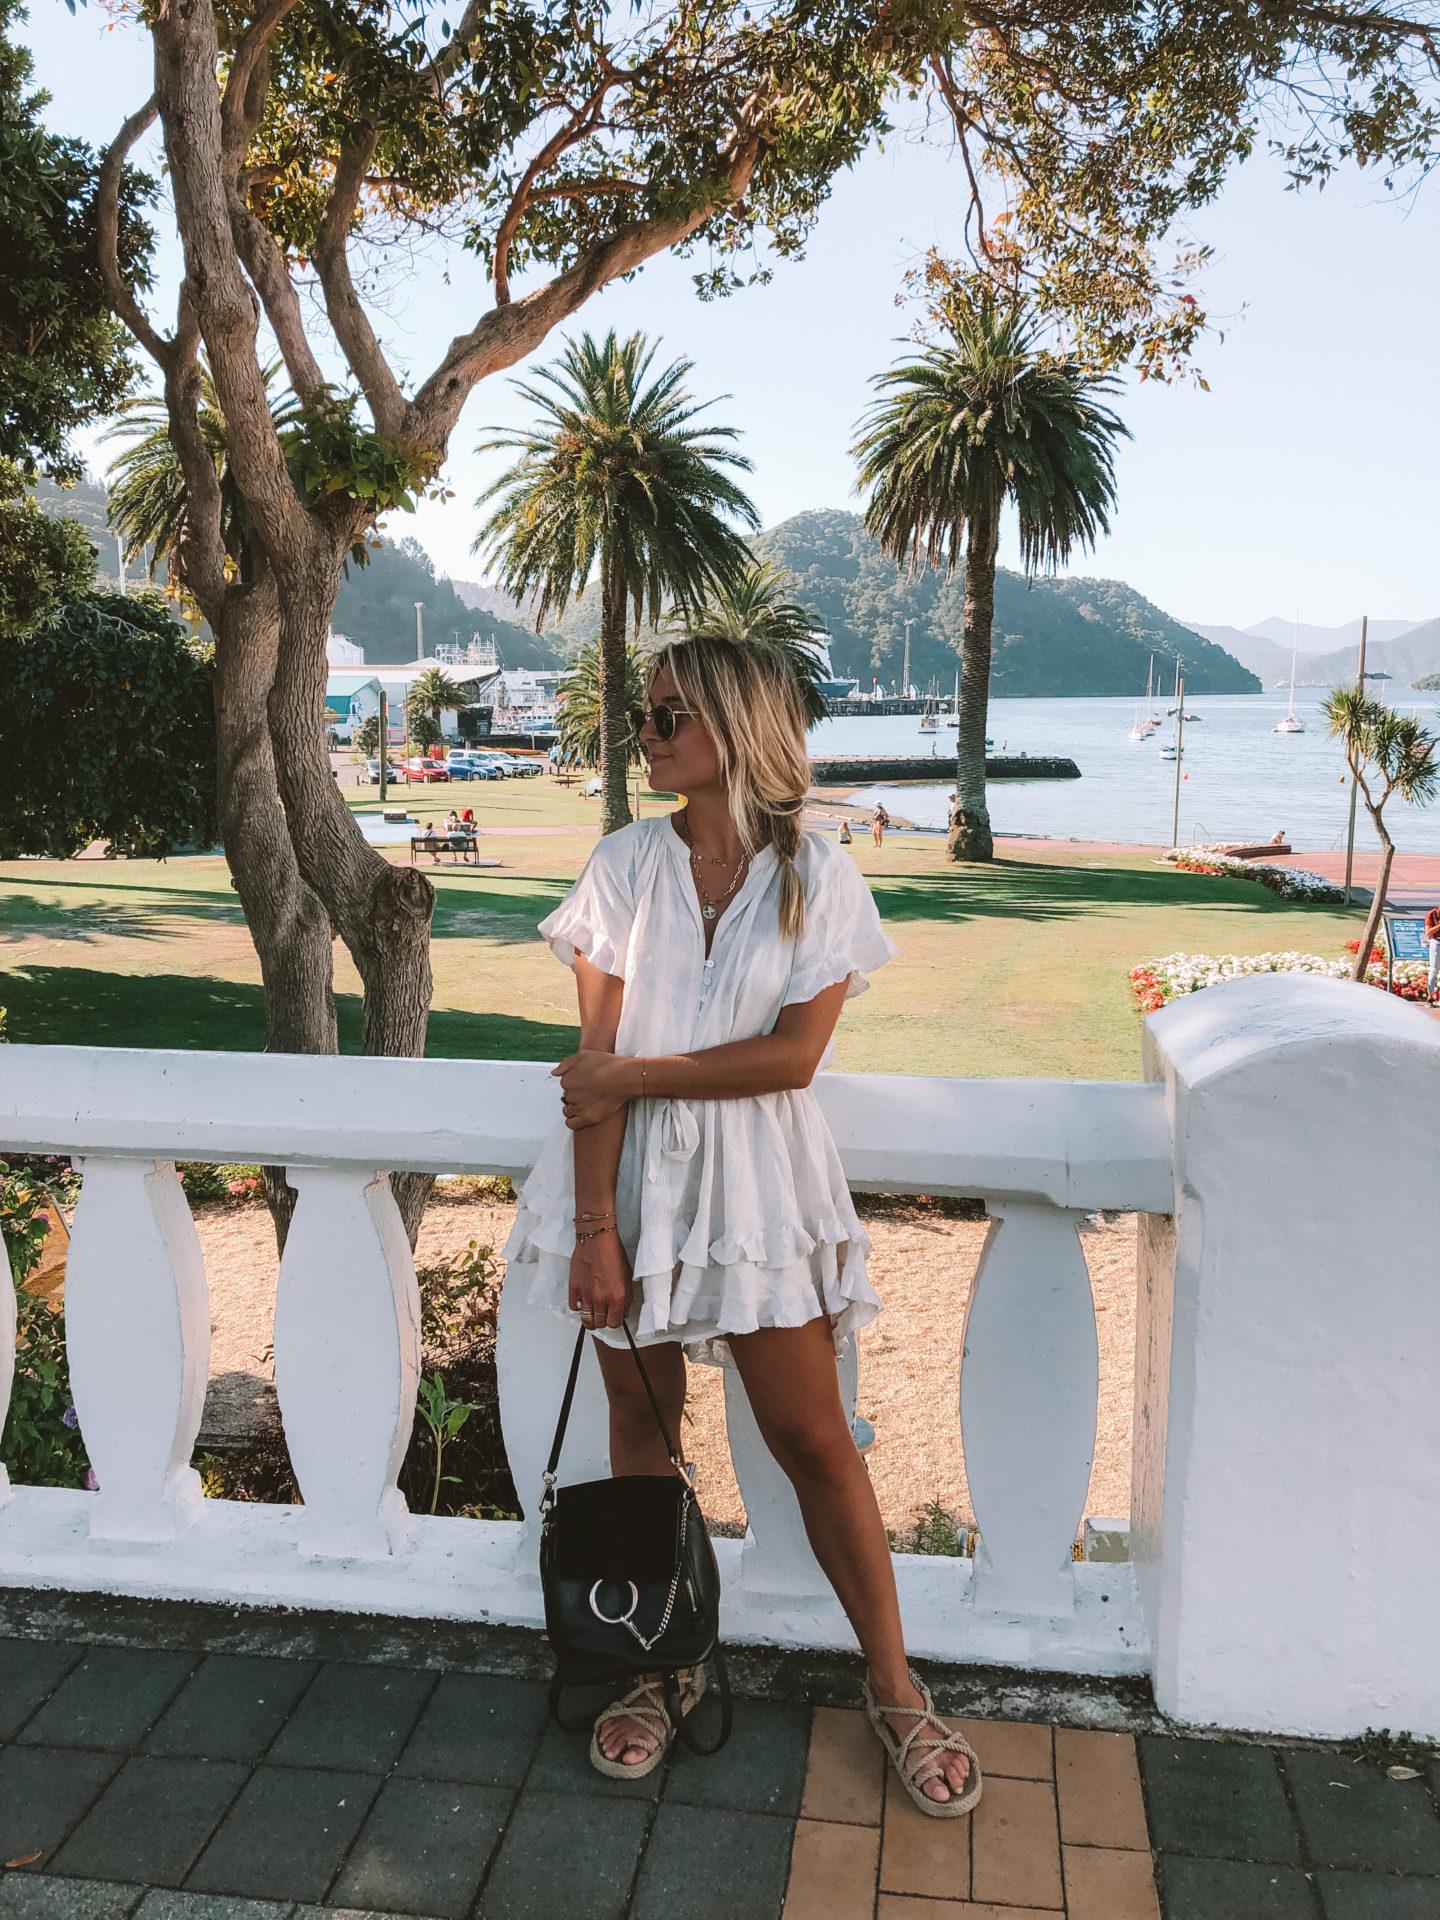 Picton Nouvelle-Zélande - Blondie Baby blog voyages et mode